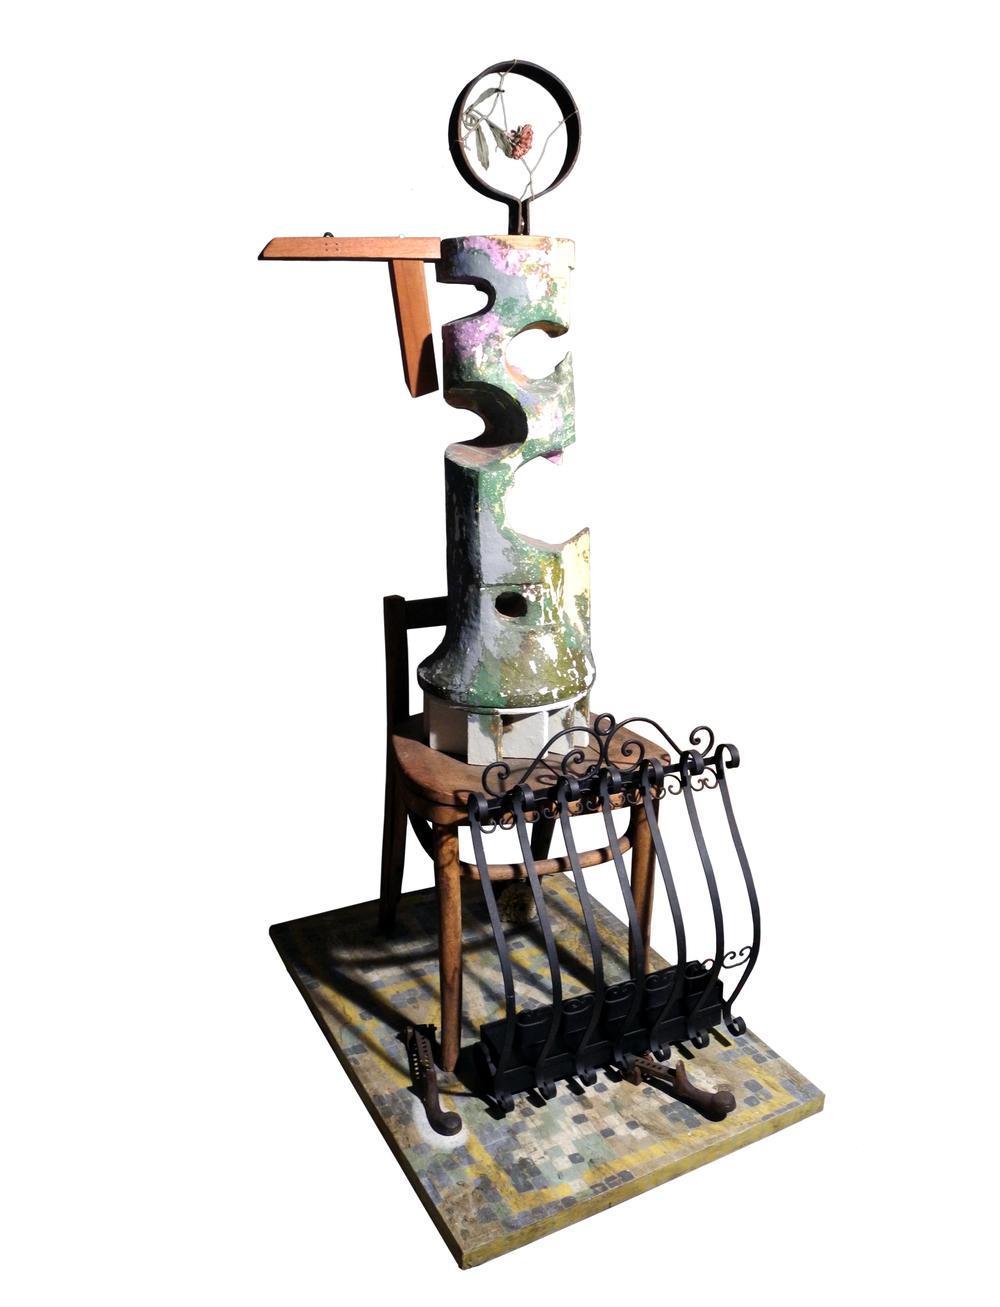 Vessel Series 1993-1994 (images) Vessel Assemblage #5 (Frida)